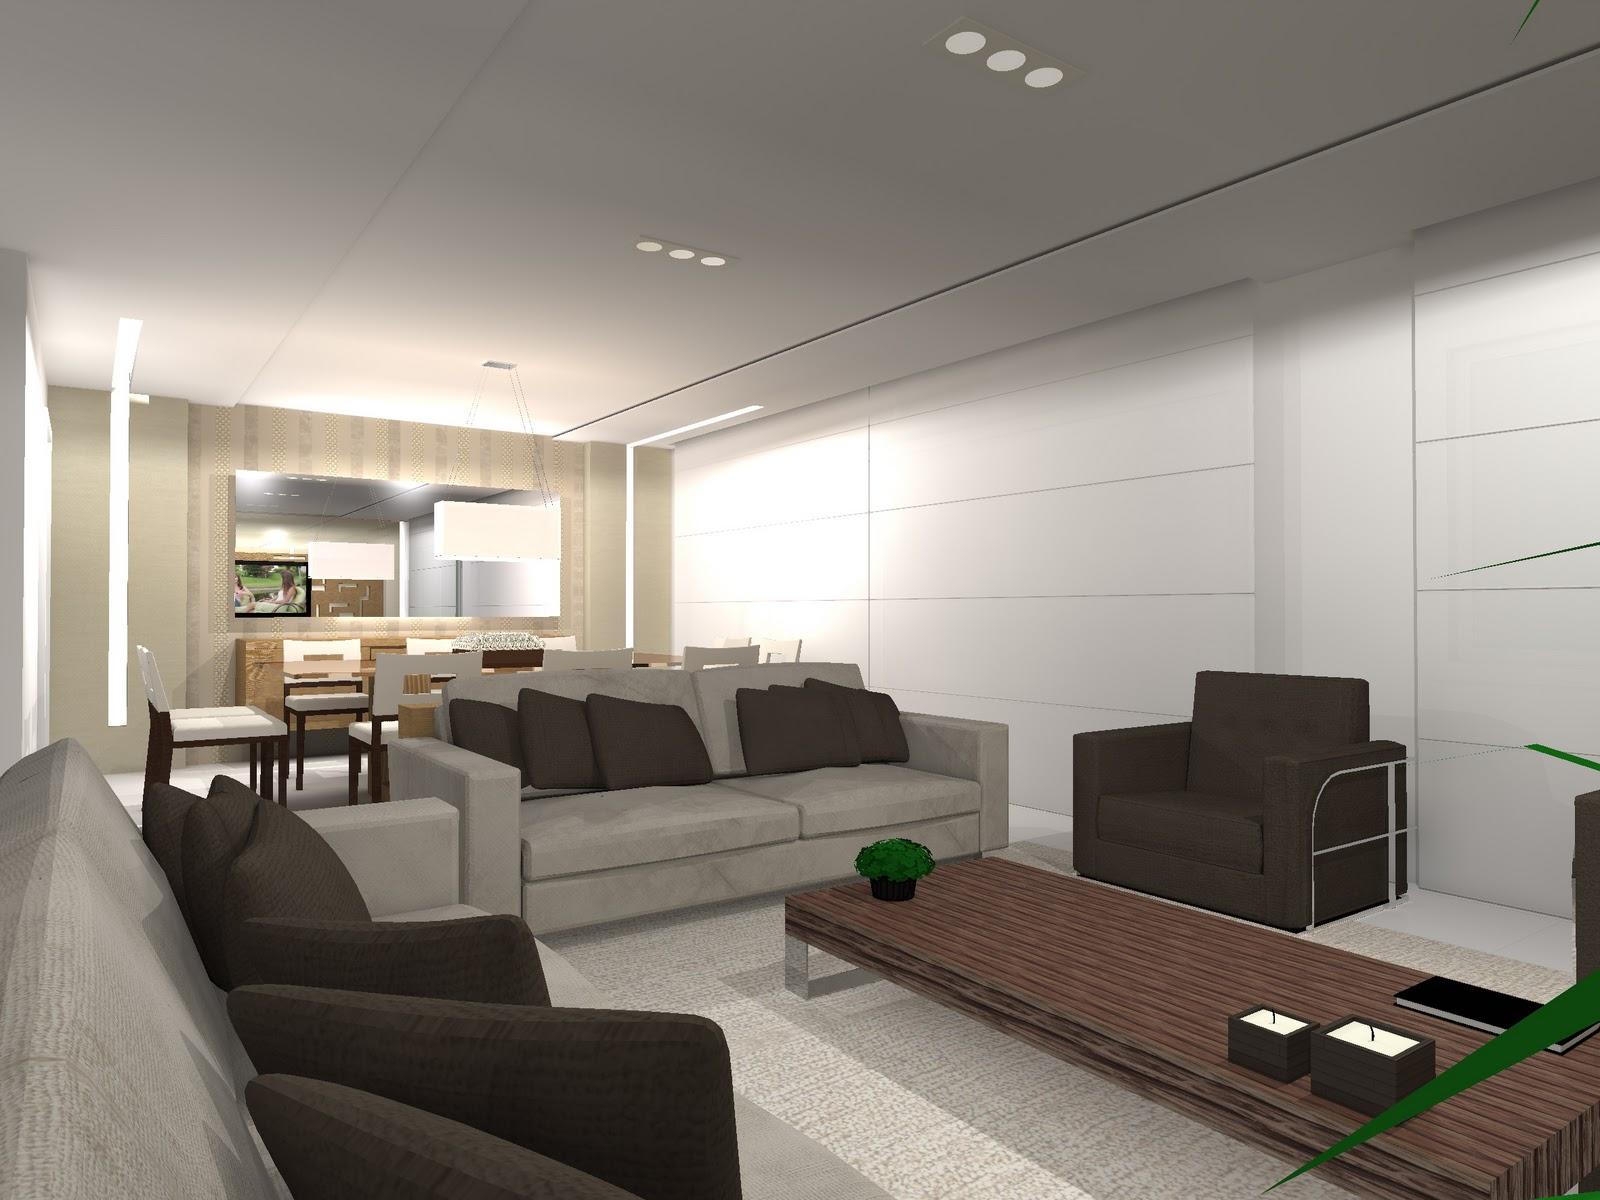 JaqueMondelo- Designer De Interiores -Maquetes 3d: Trabalhos Freelancer Desenho 3D/ Salas